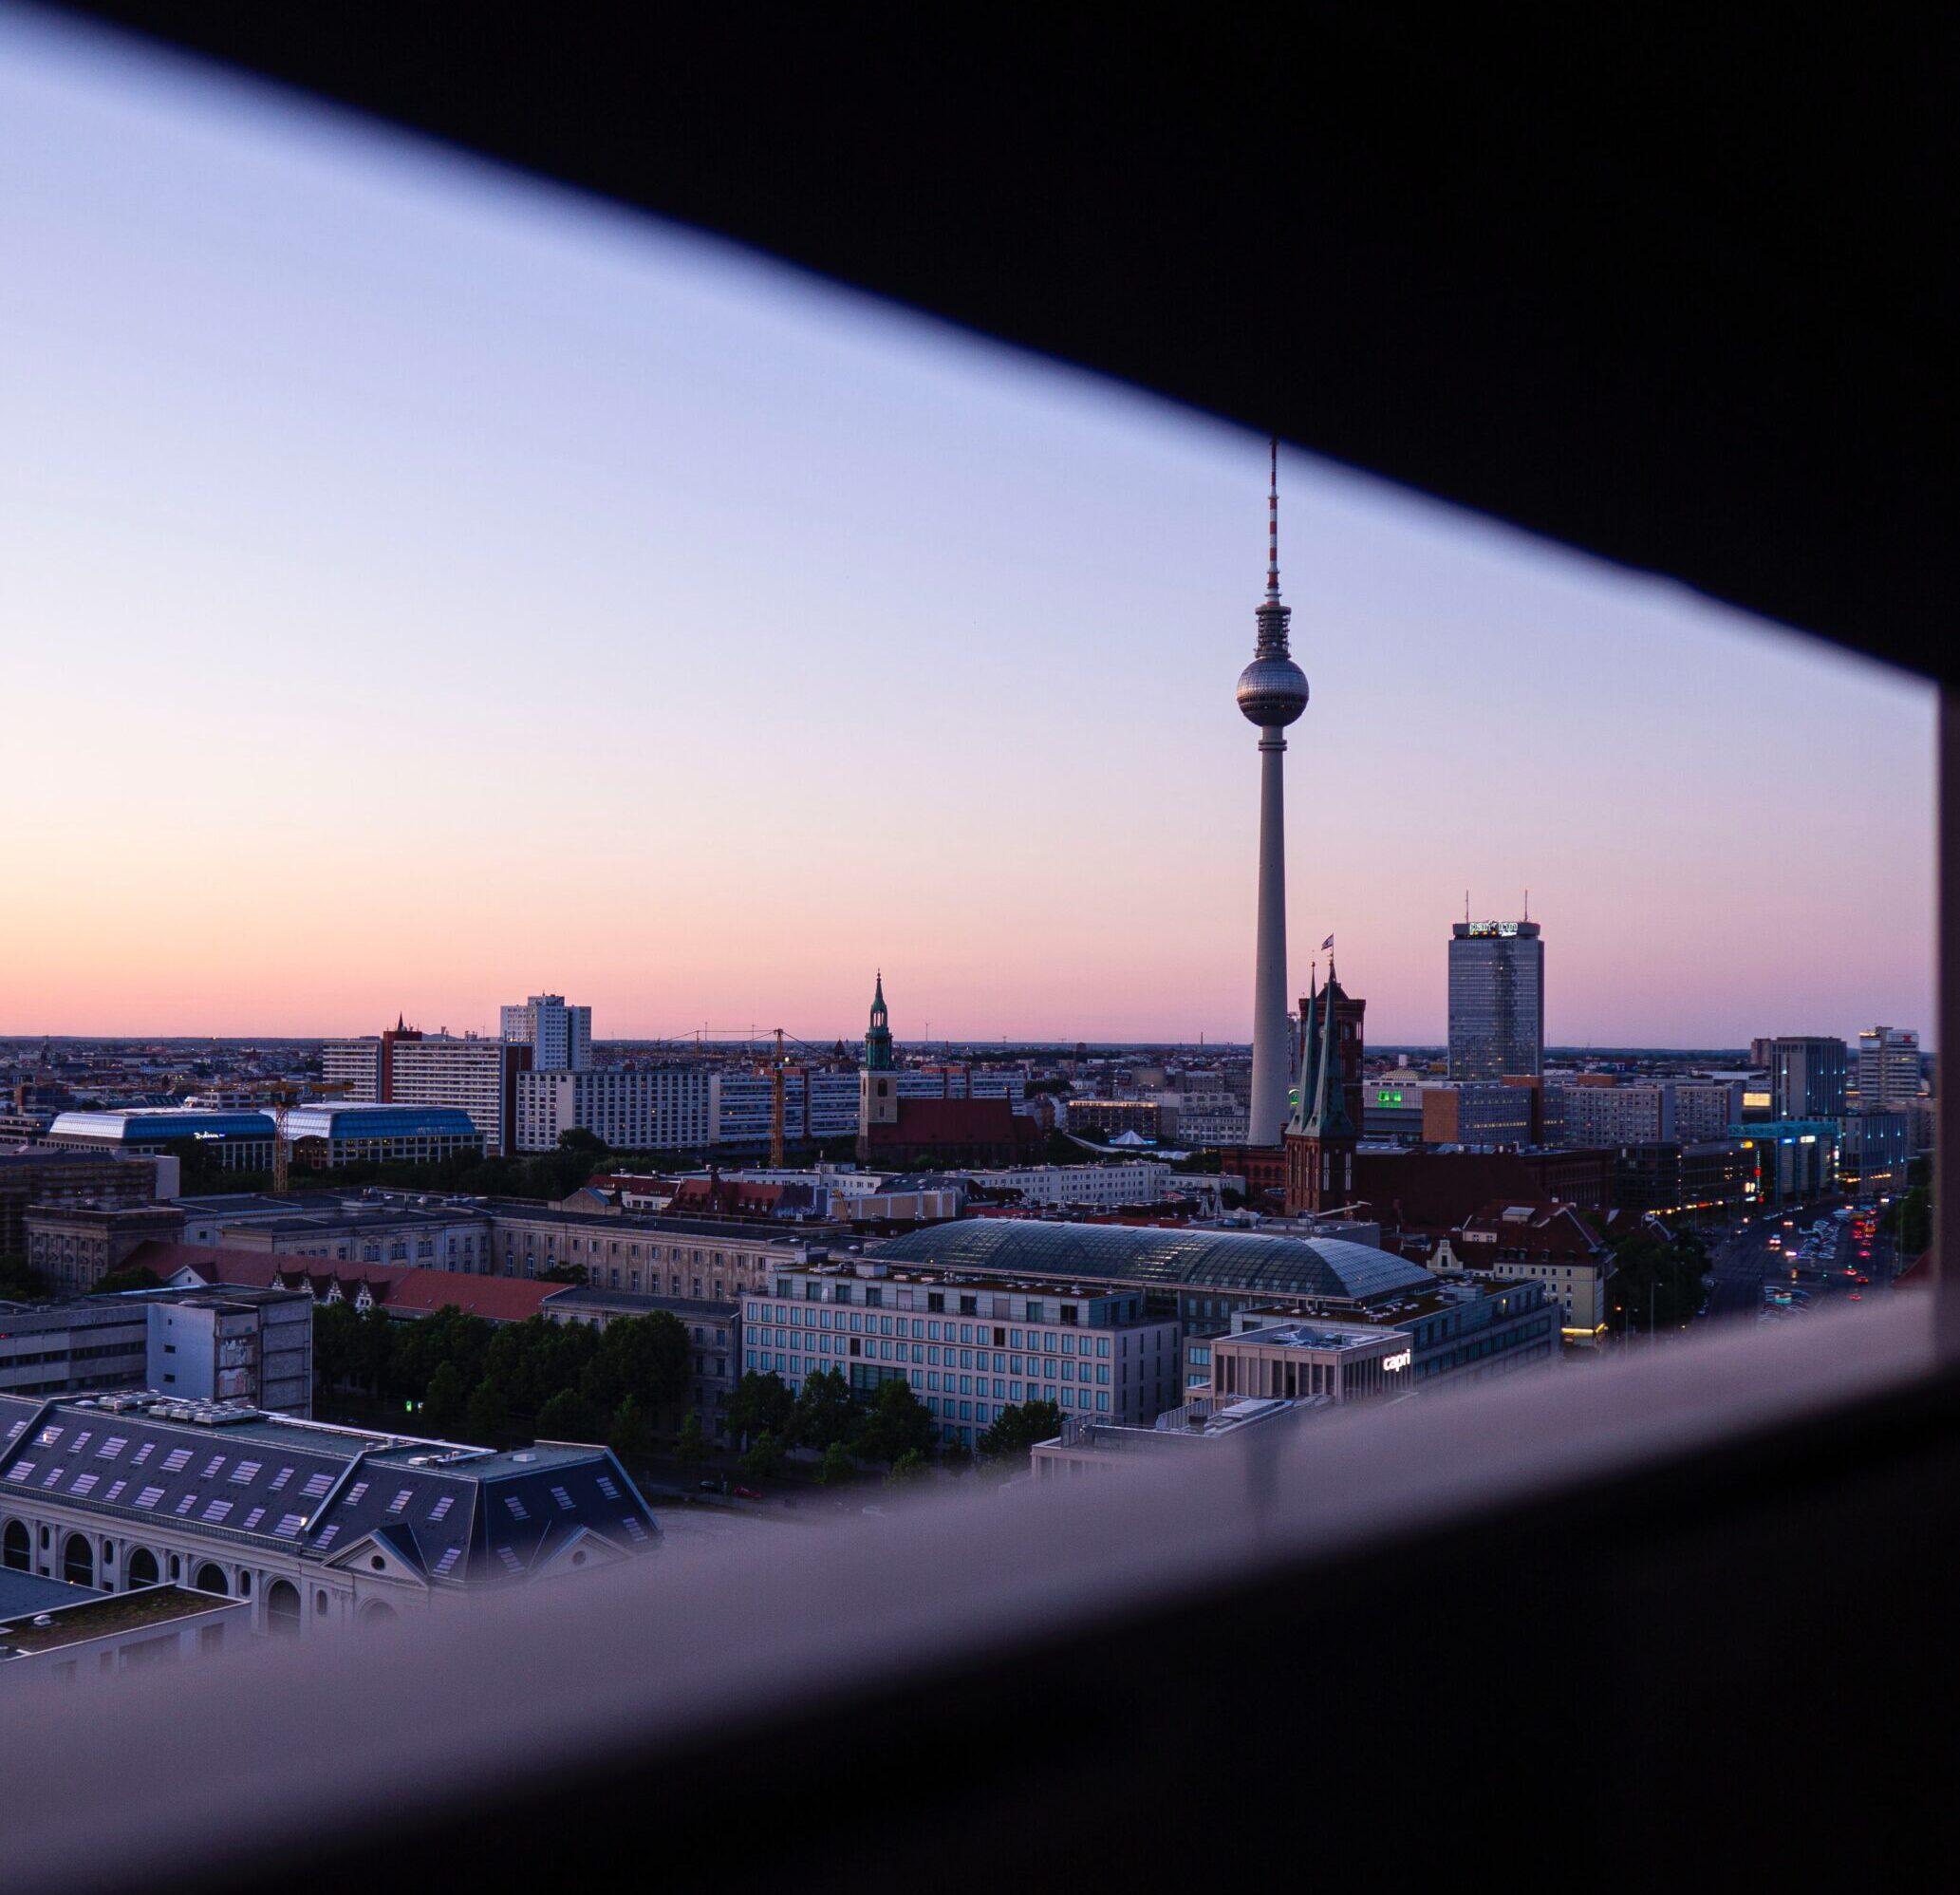 Berlin Fernsehturm Ausblick